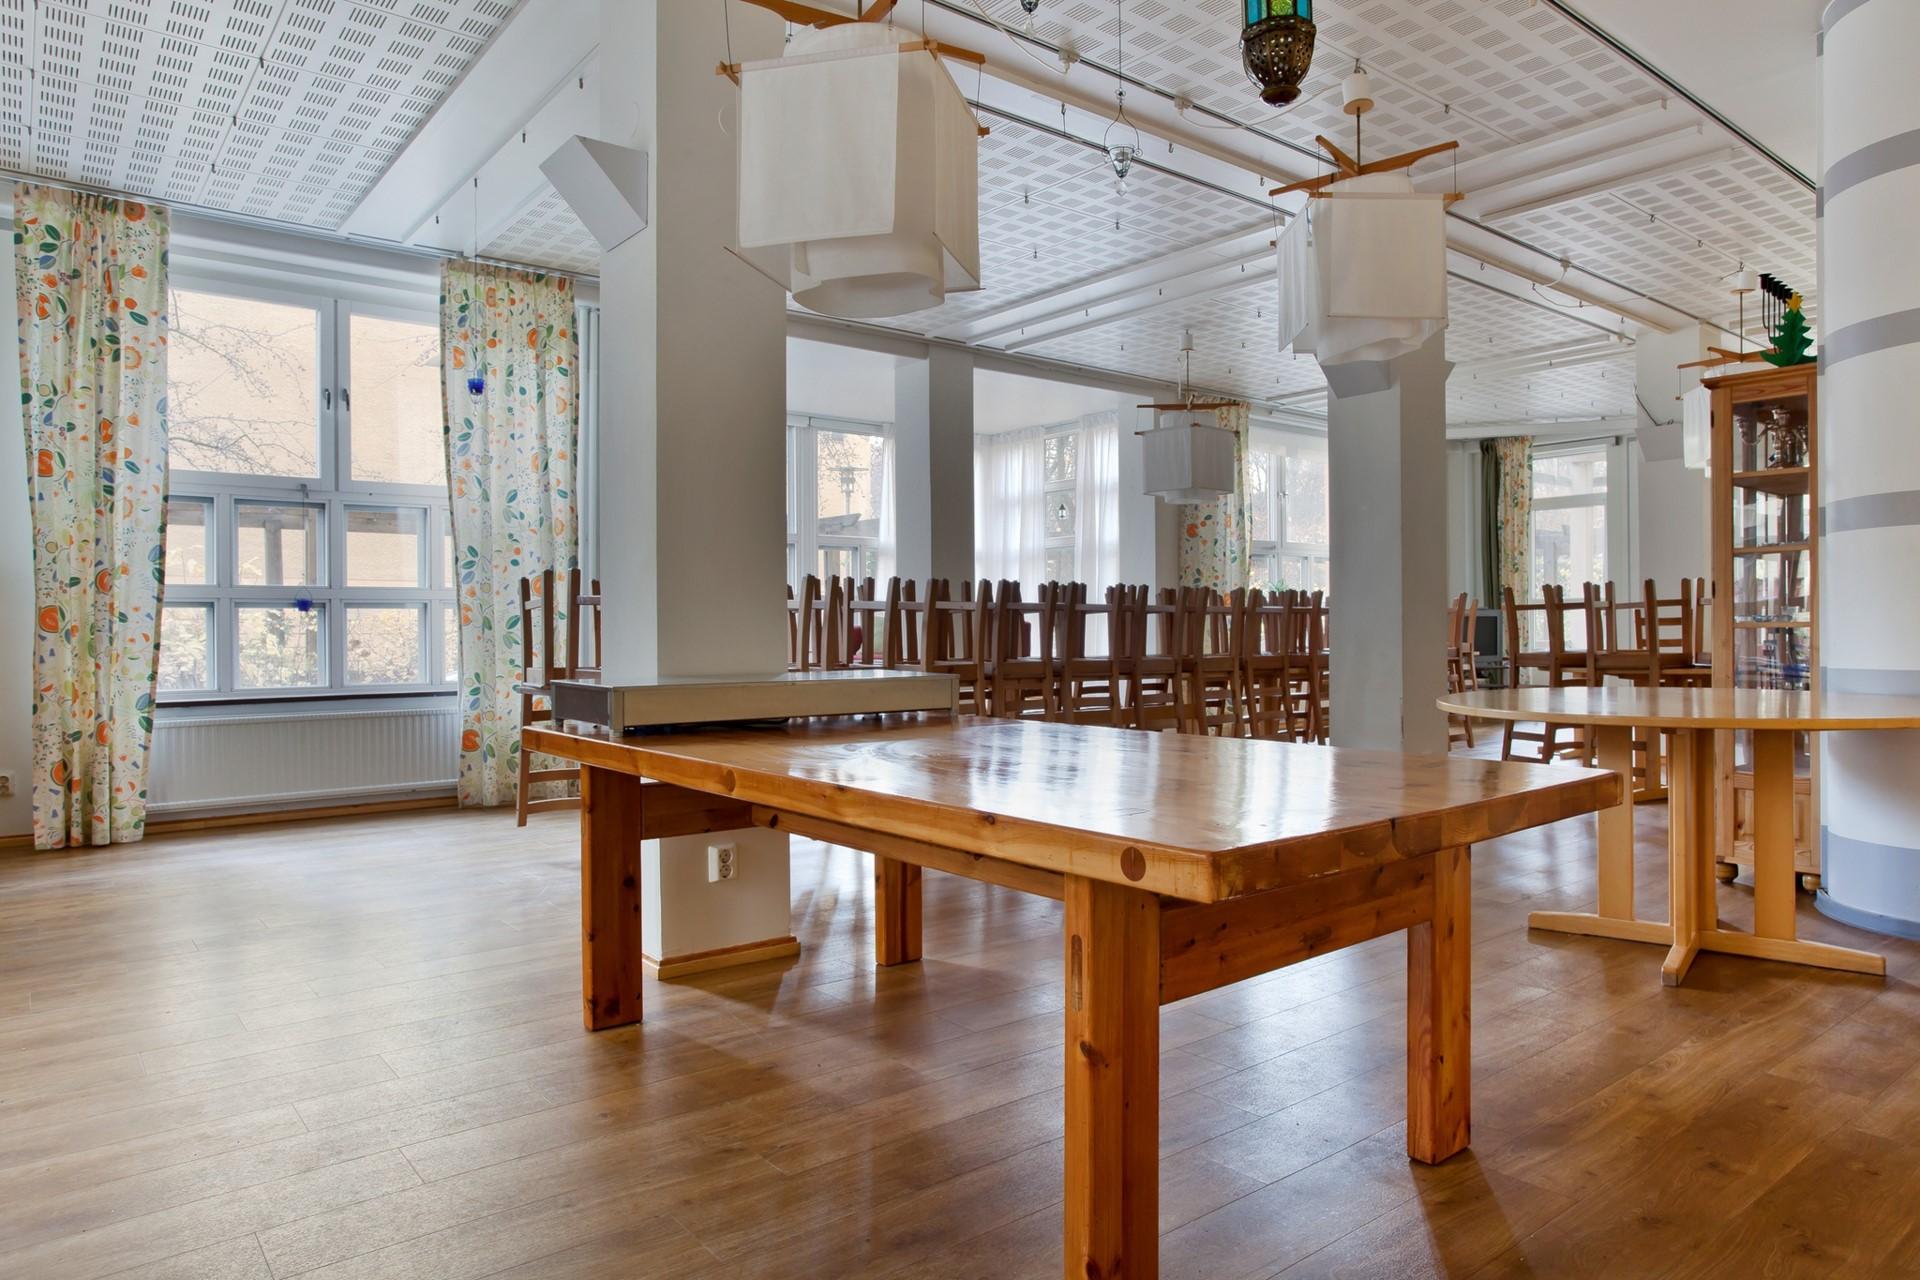 Maria Bangata 9, 5 tr - Samlingslokal för gemensamma middagar och fest